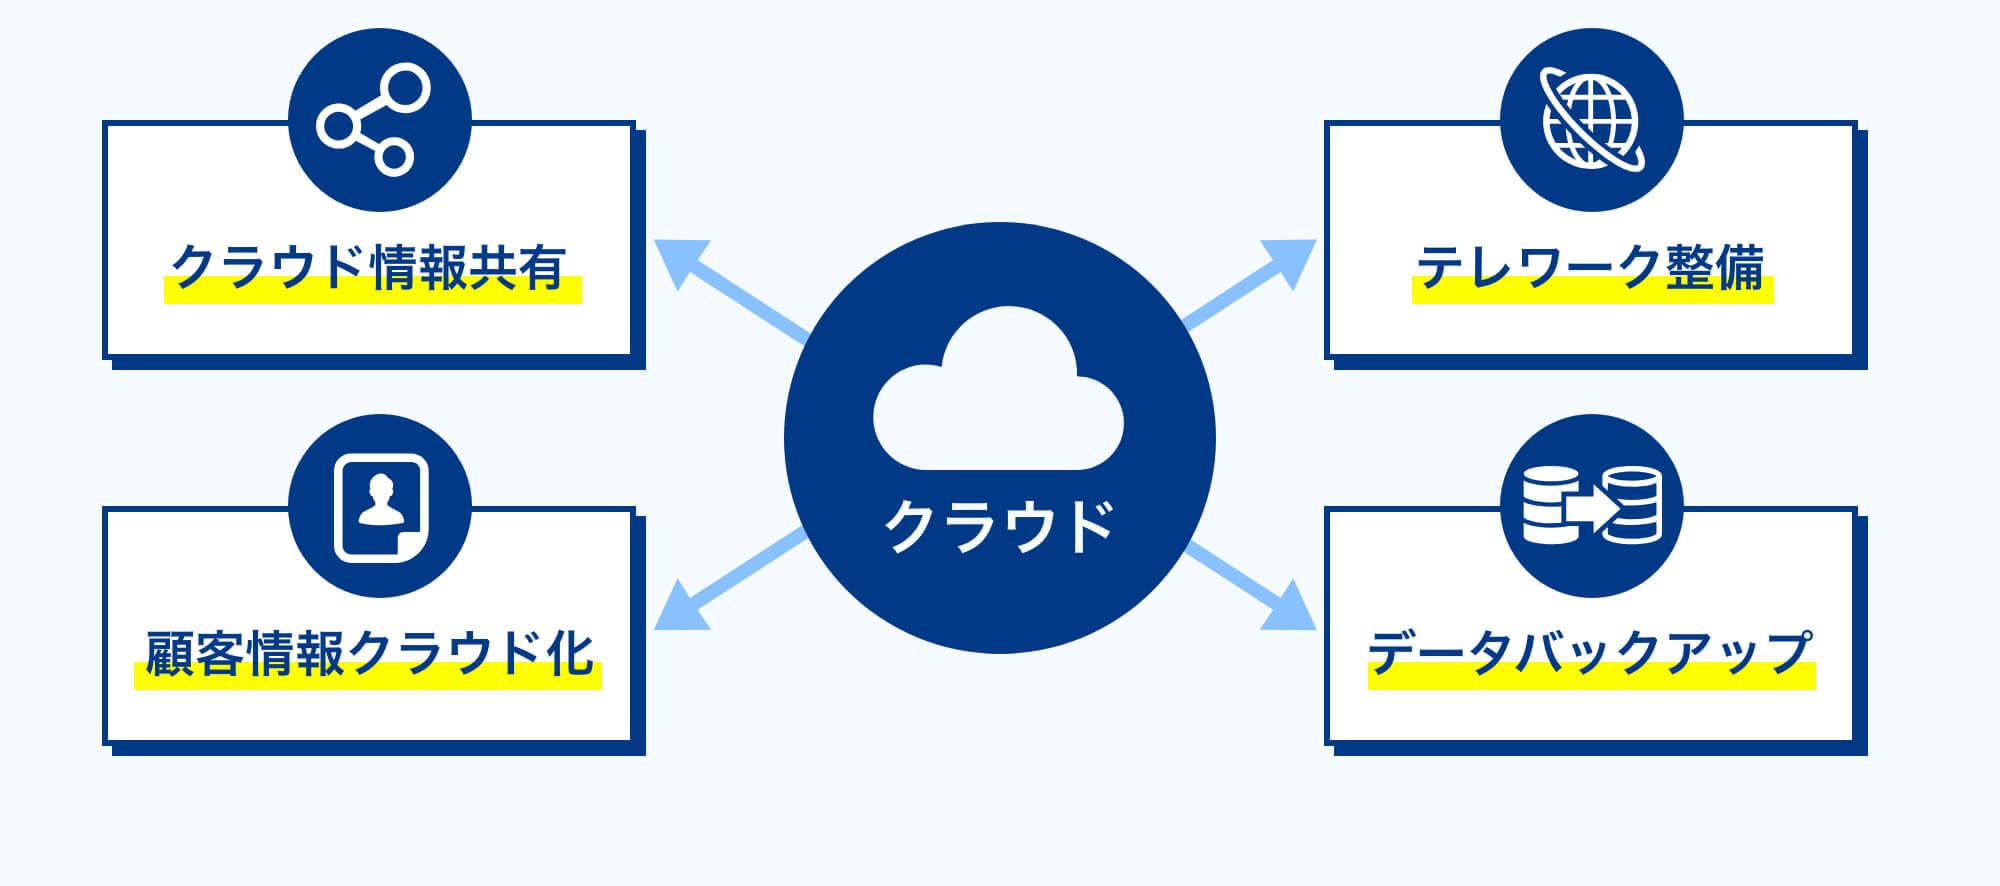 クラウド情報共有 テレワーク整備 顧客情報クラウド化 データバックアップ